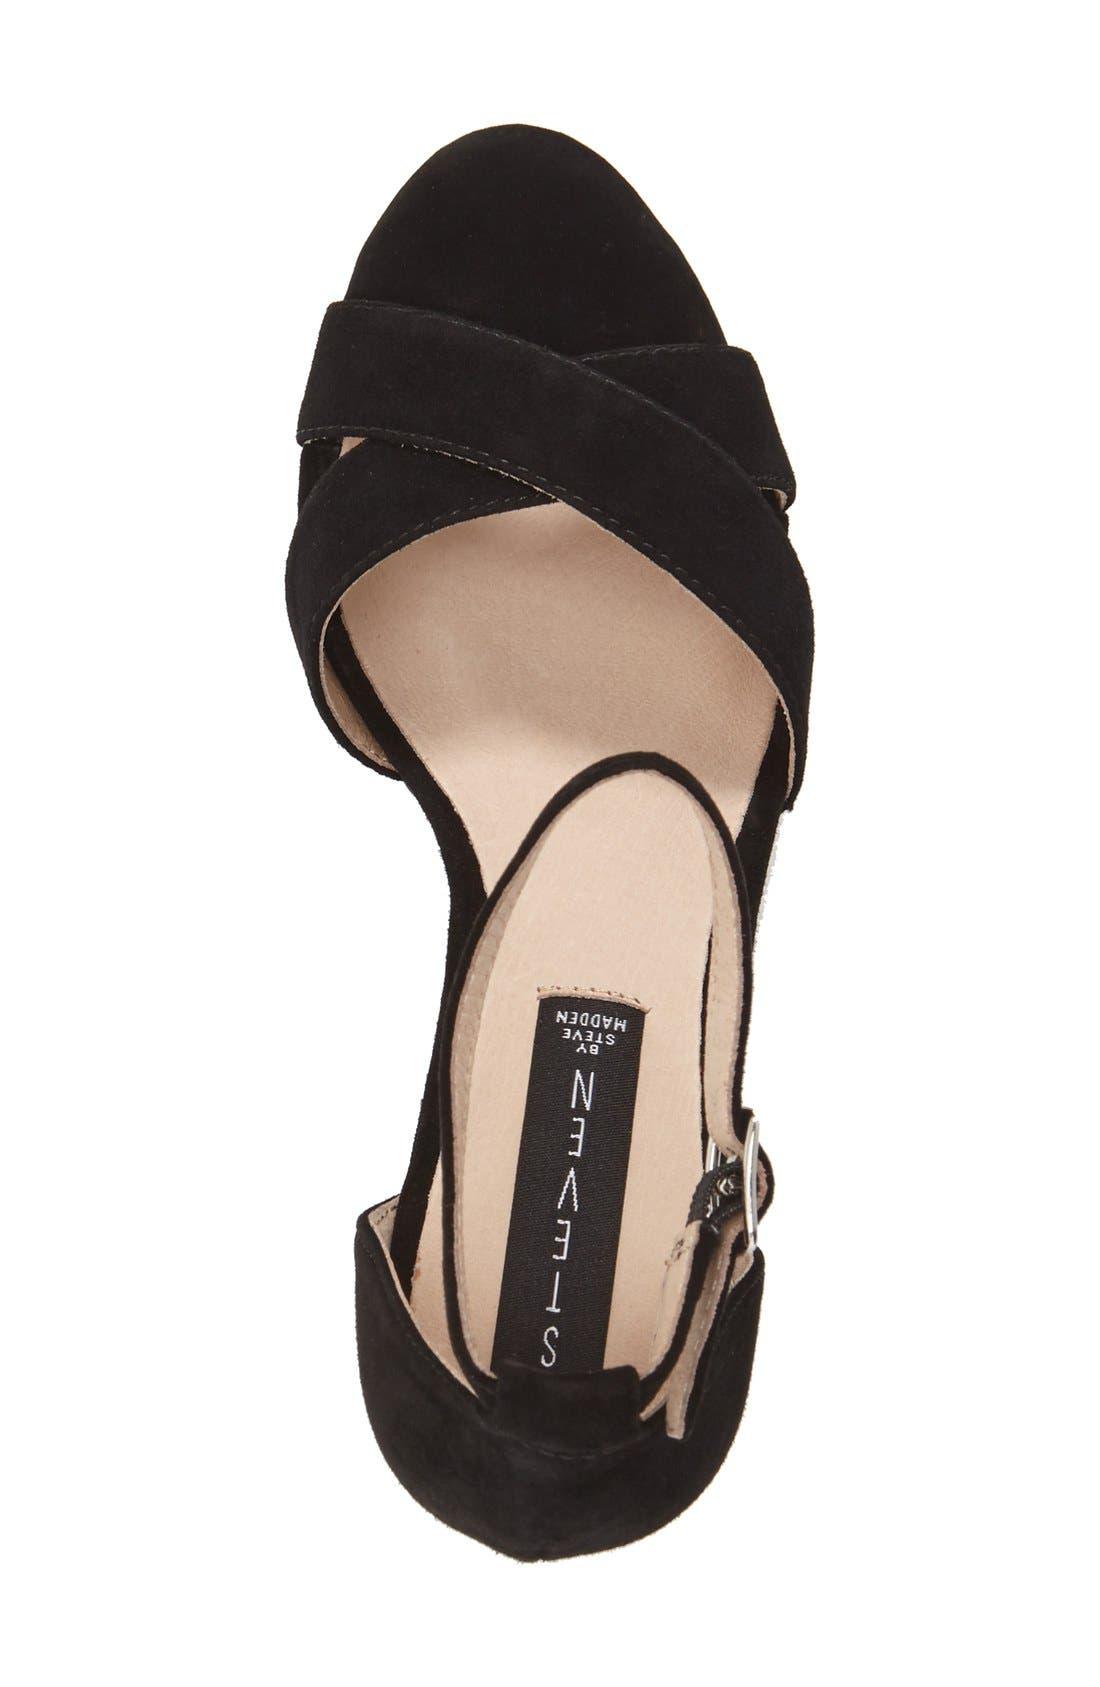 Alternate Image 3  - Steven by Steve Madden 'Voomme' Ankle Strap Sandal (Women)